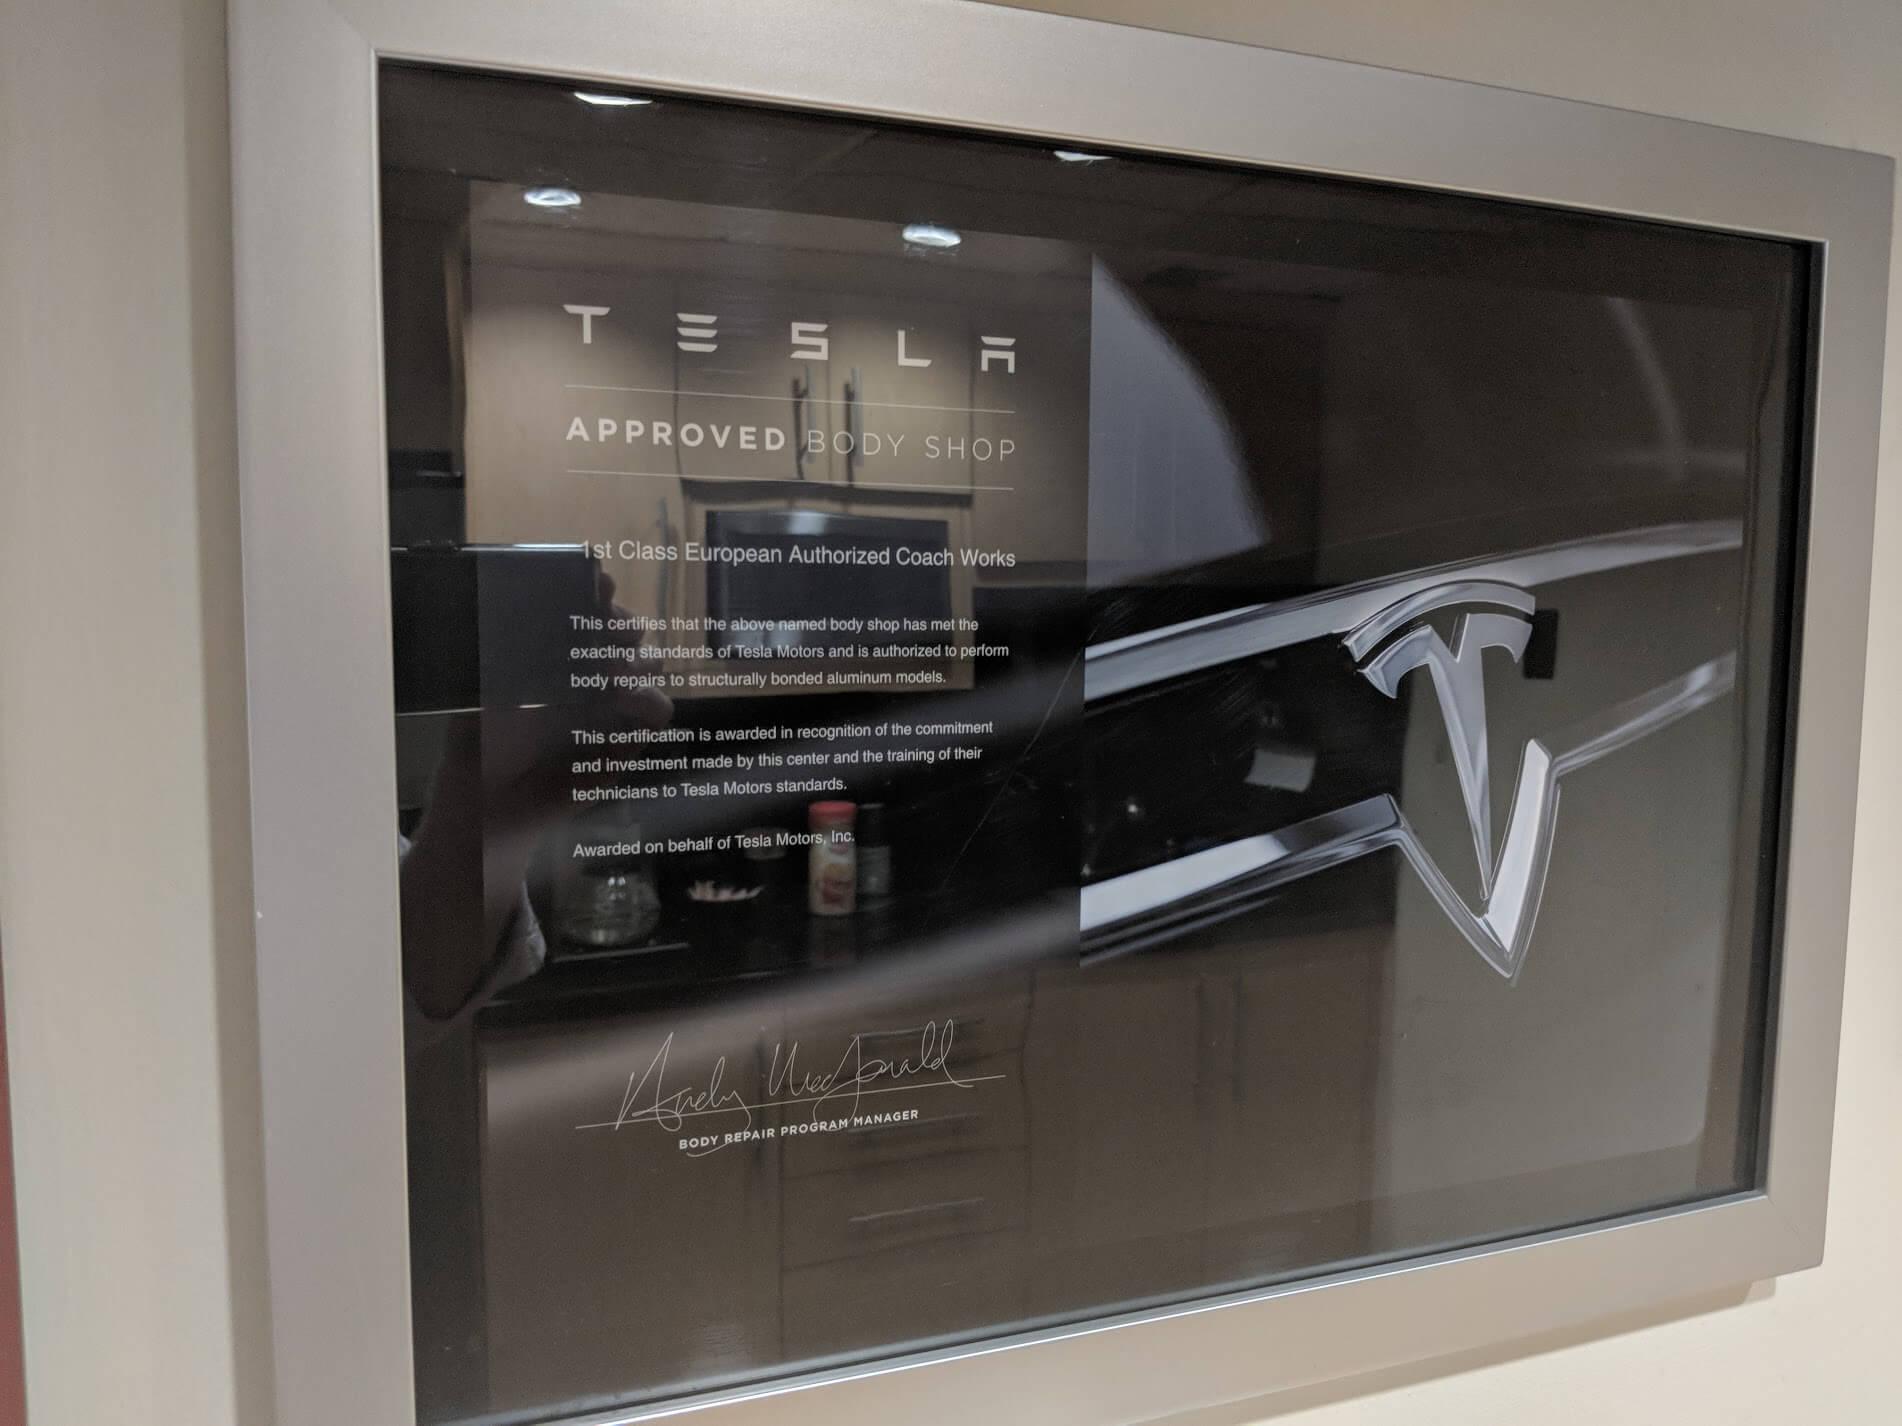 Tesla-Aluminum-Repair-Certification